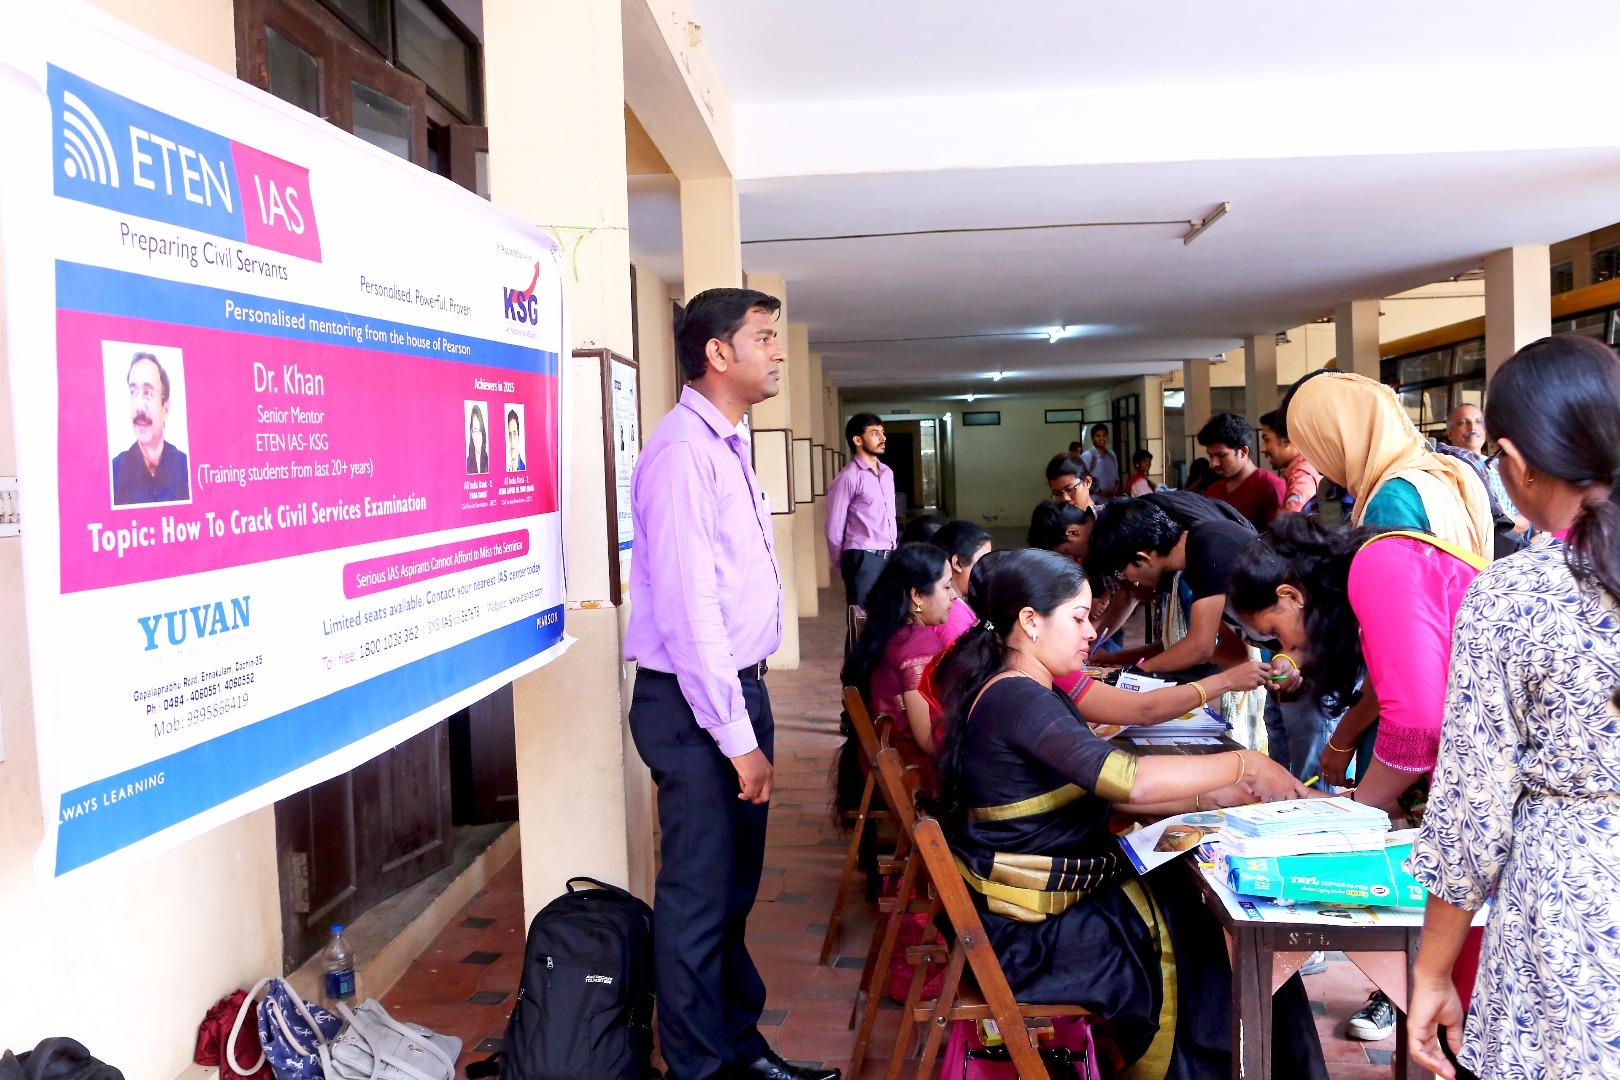 Yuvan Institute Of Management Studies (P) lTD